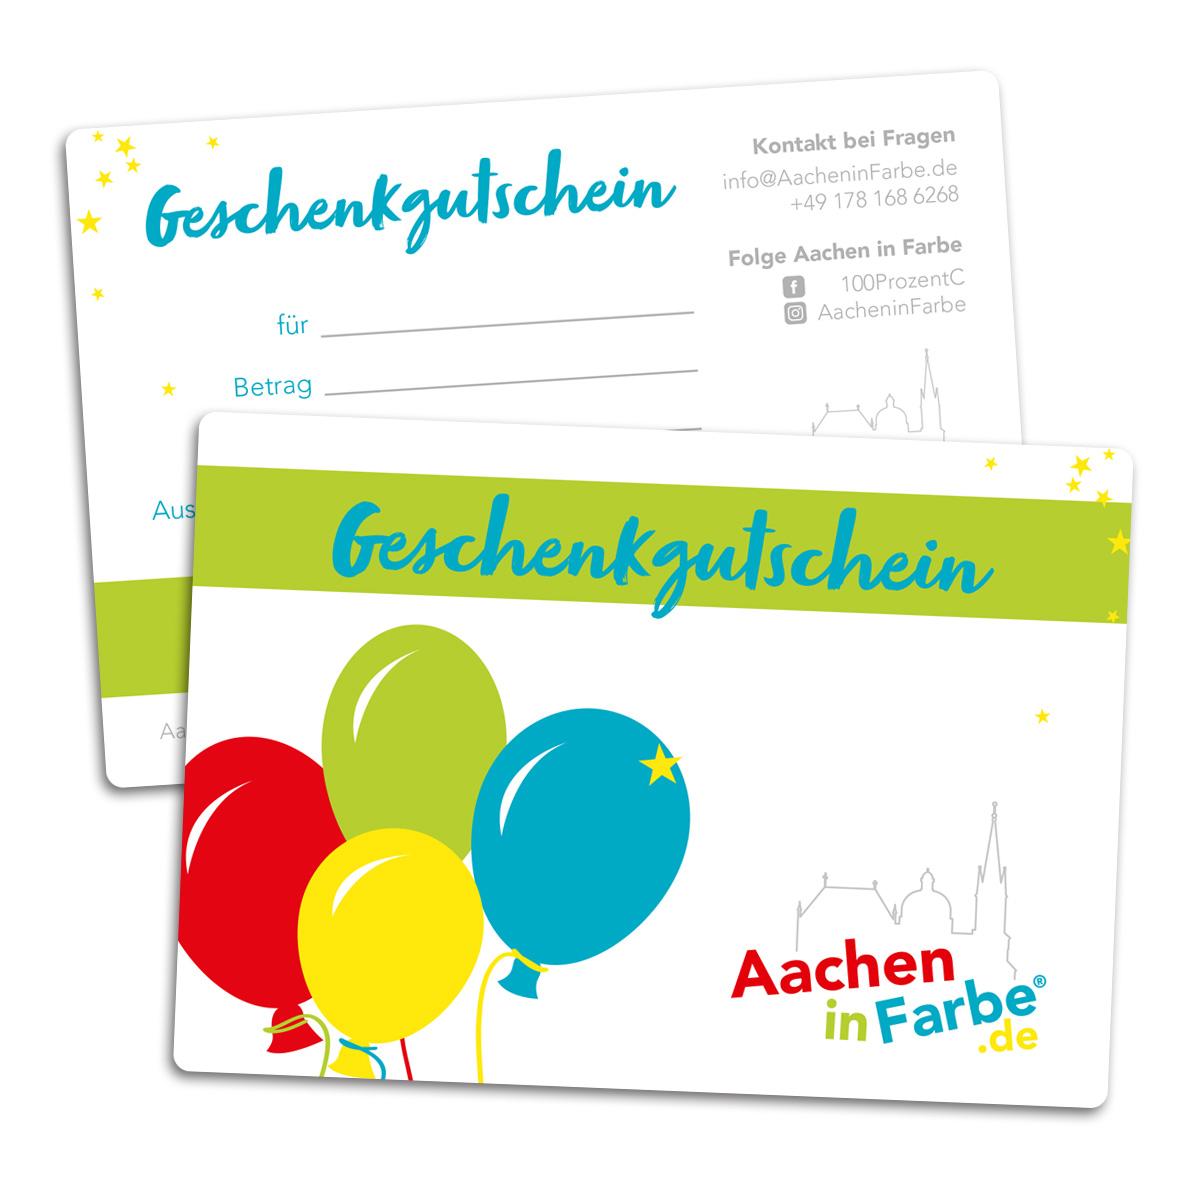 Gutschein für AacheninFarbe.de -  50 €